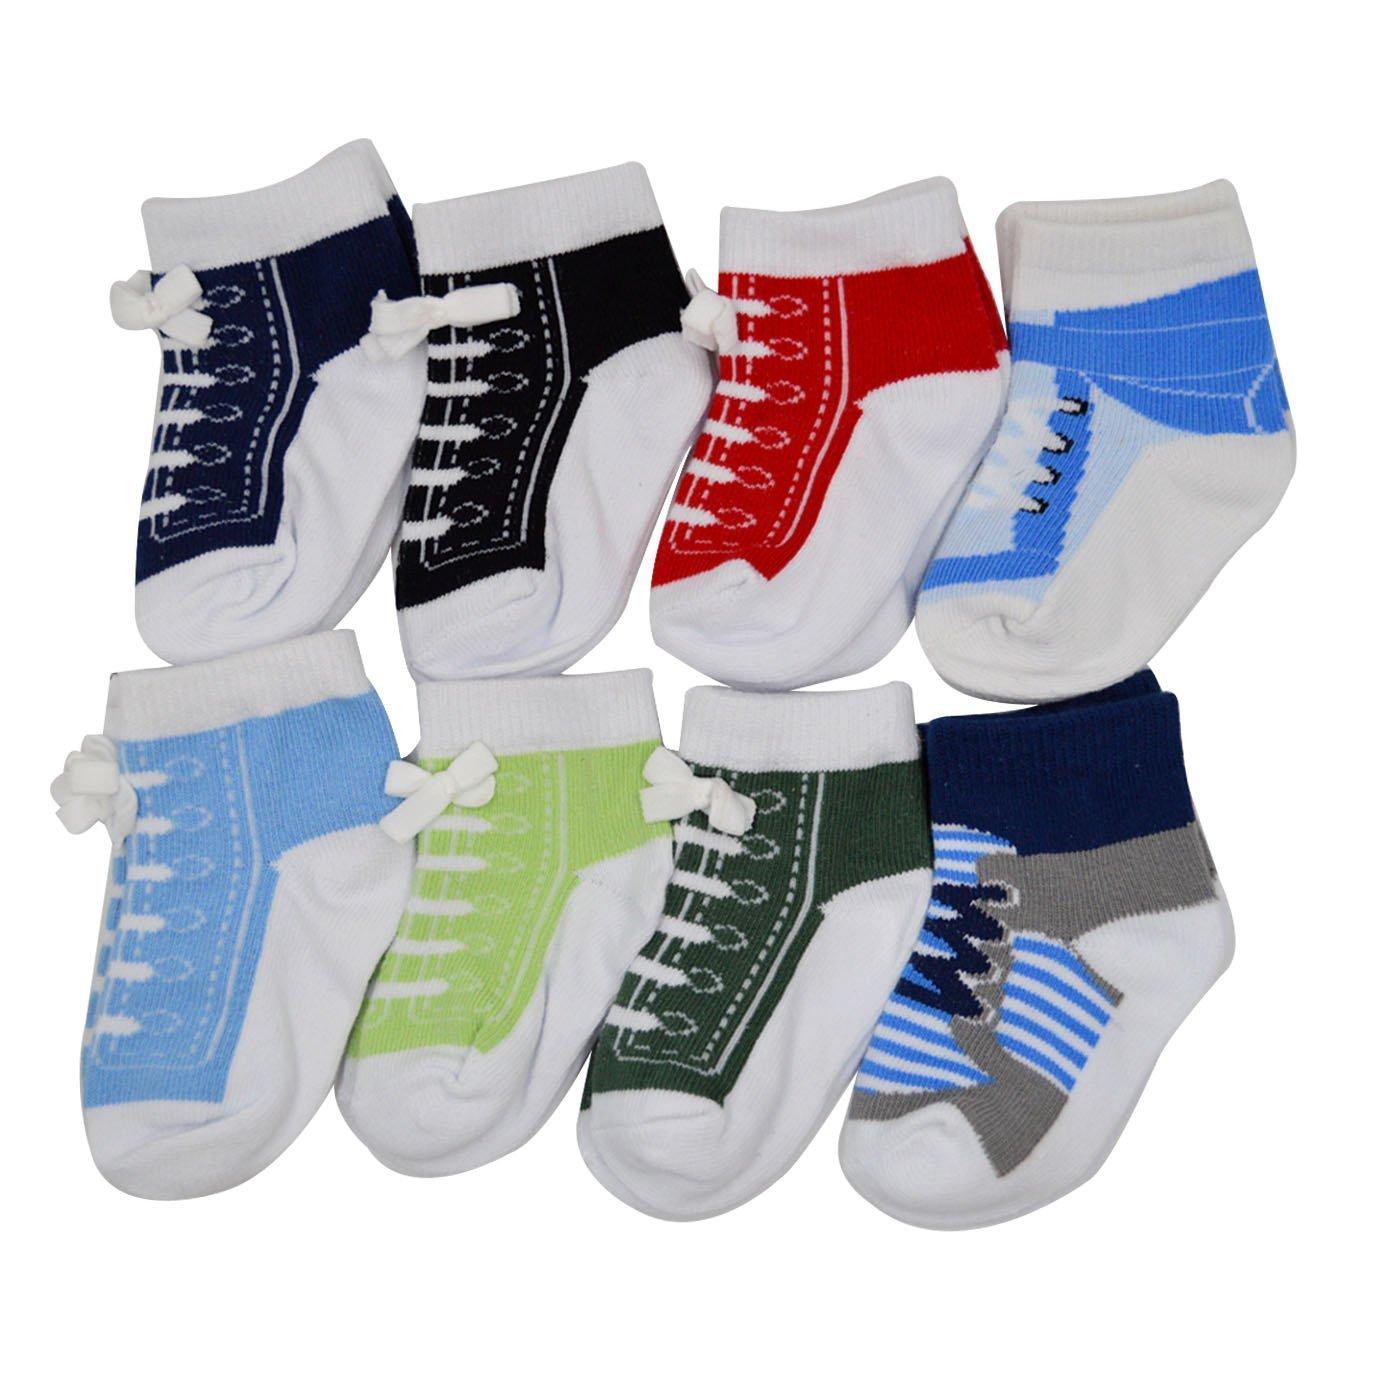 AiSi 8 Paires Chaussettes Bébé Enfant Elastique en Coton pour Garçon Fille 0-12 Mois wz-00926h